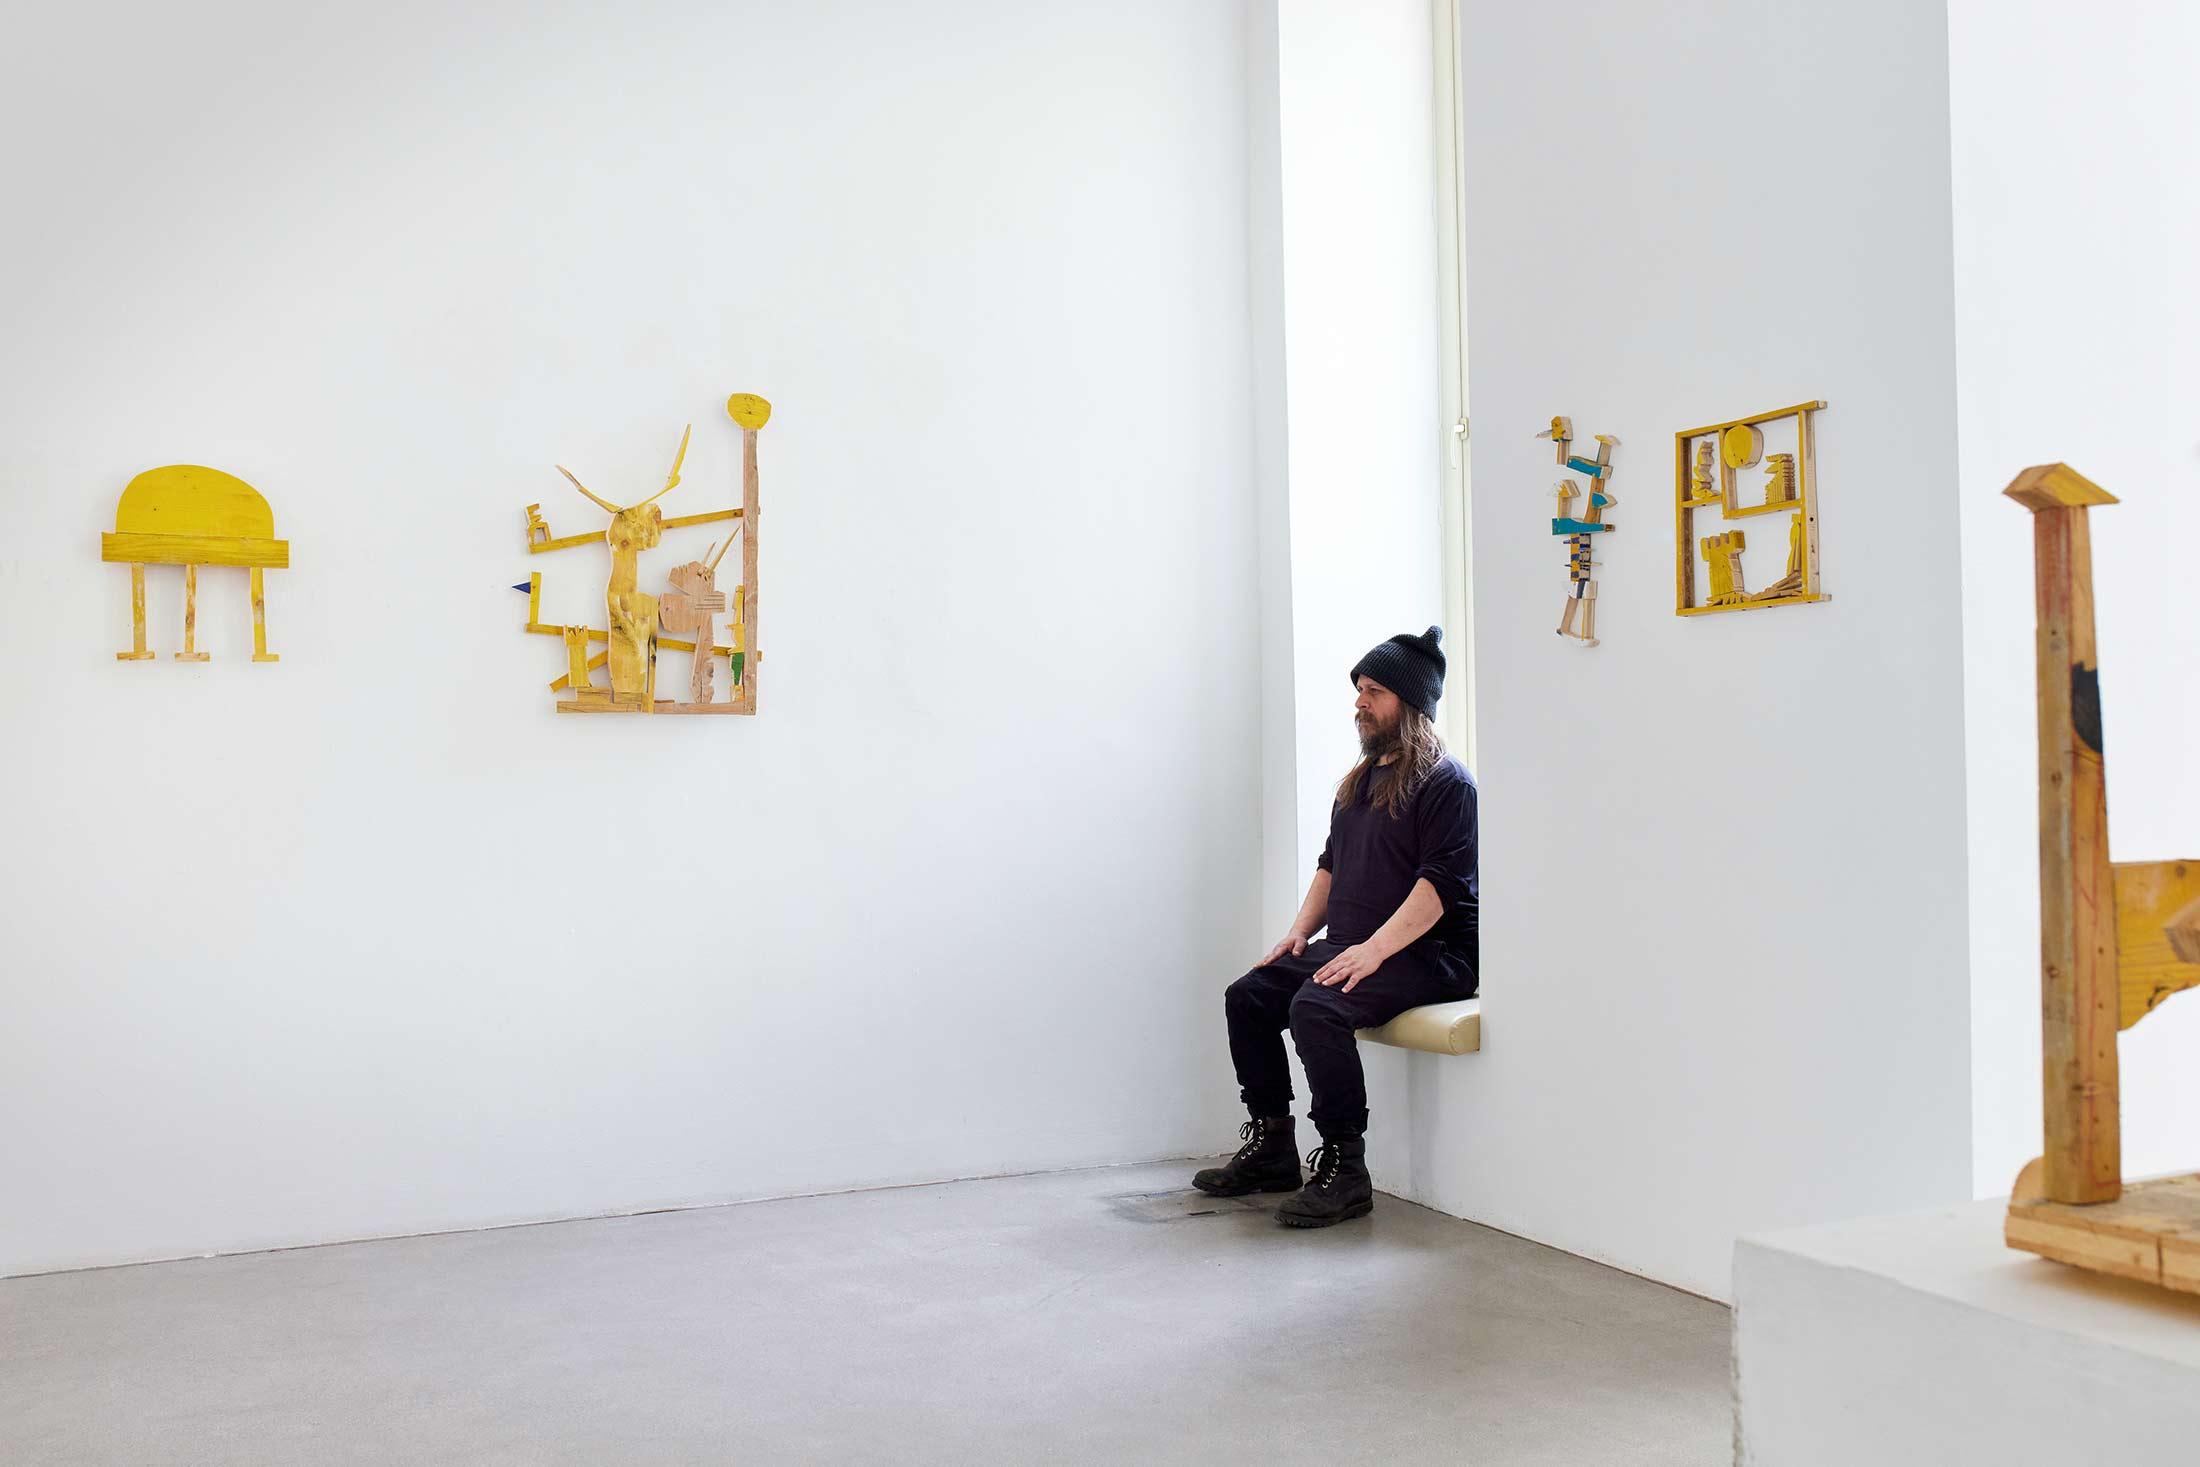 exhibition view, ernst koslitsch, art gallery, viewing room, wood sculpture works, yellow universe,